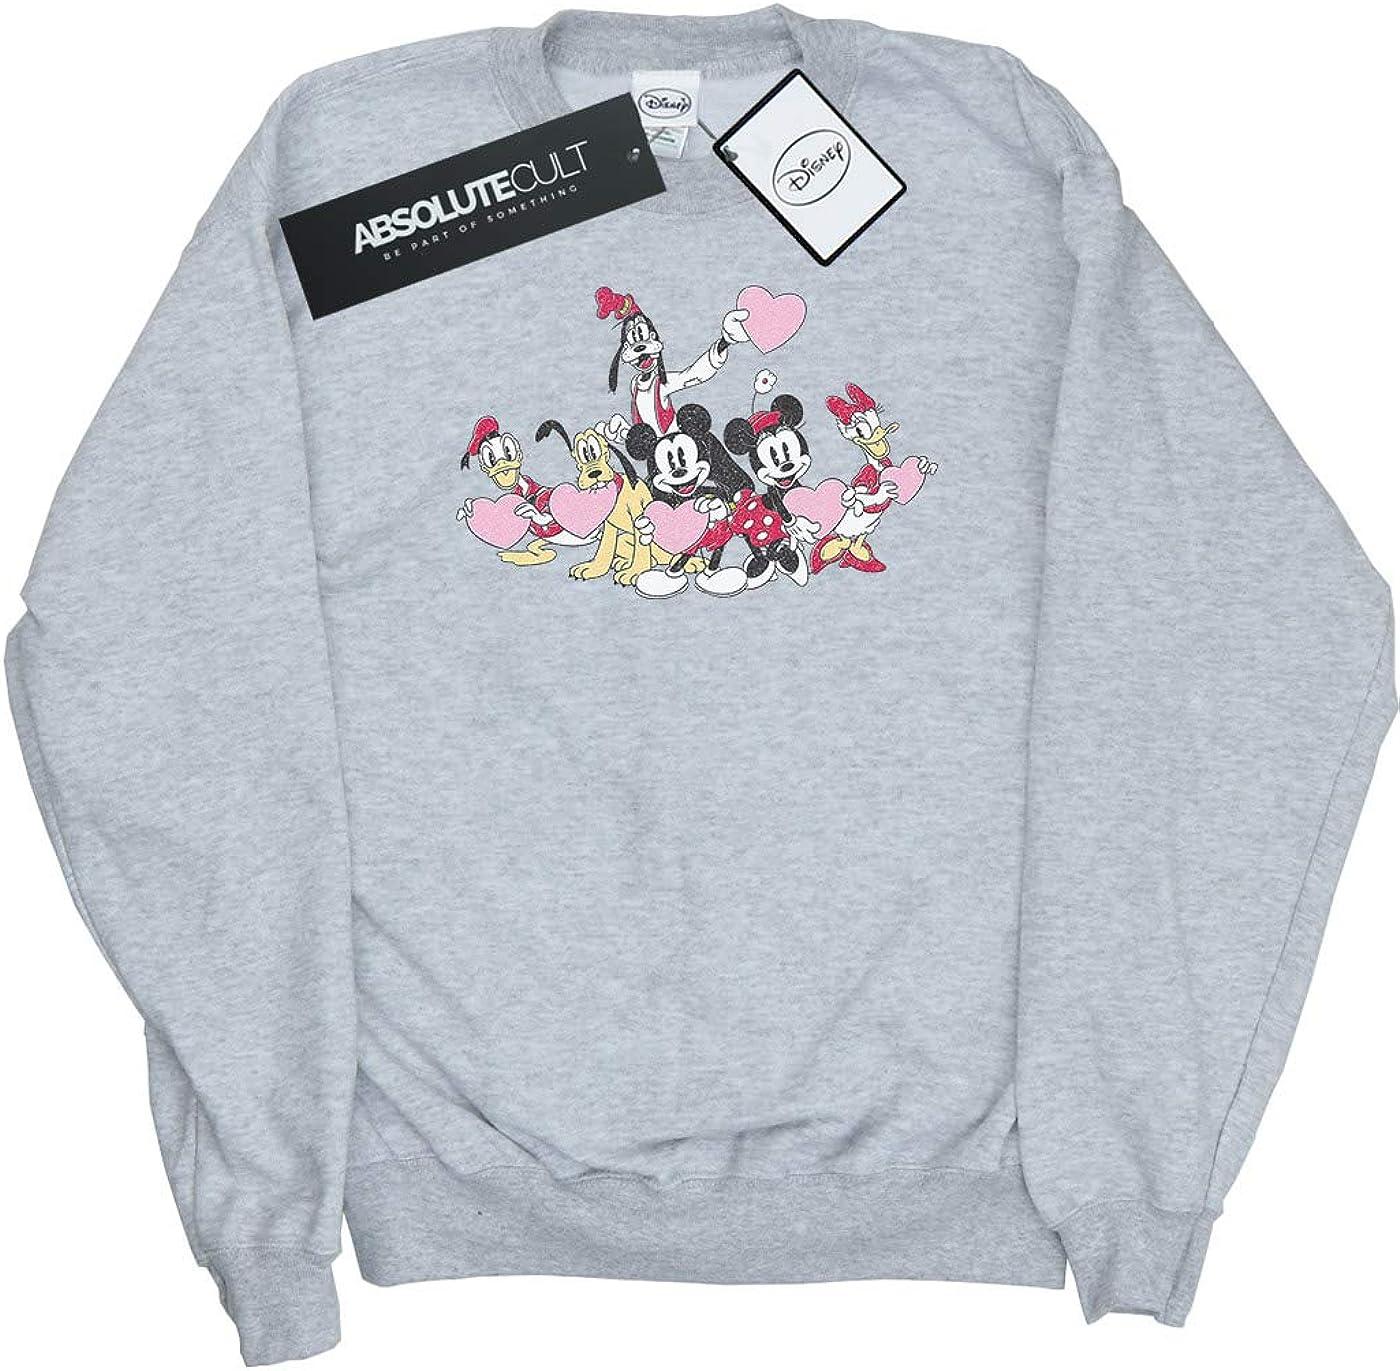 Disney Boys Mickey Mouse Love Friends Sweatshirt